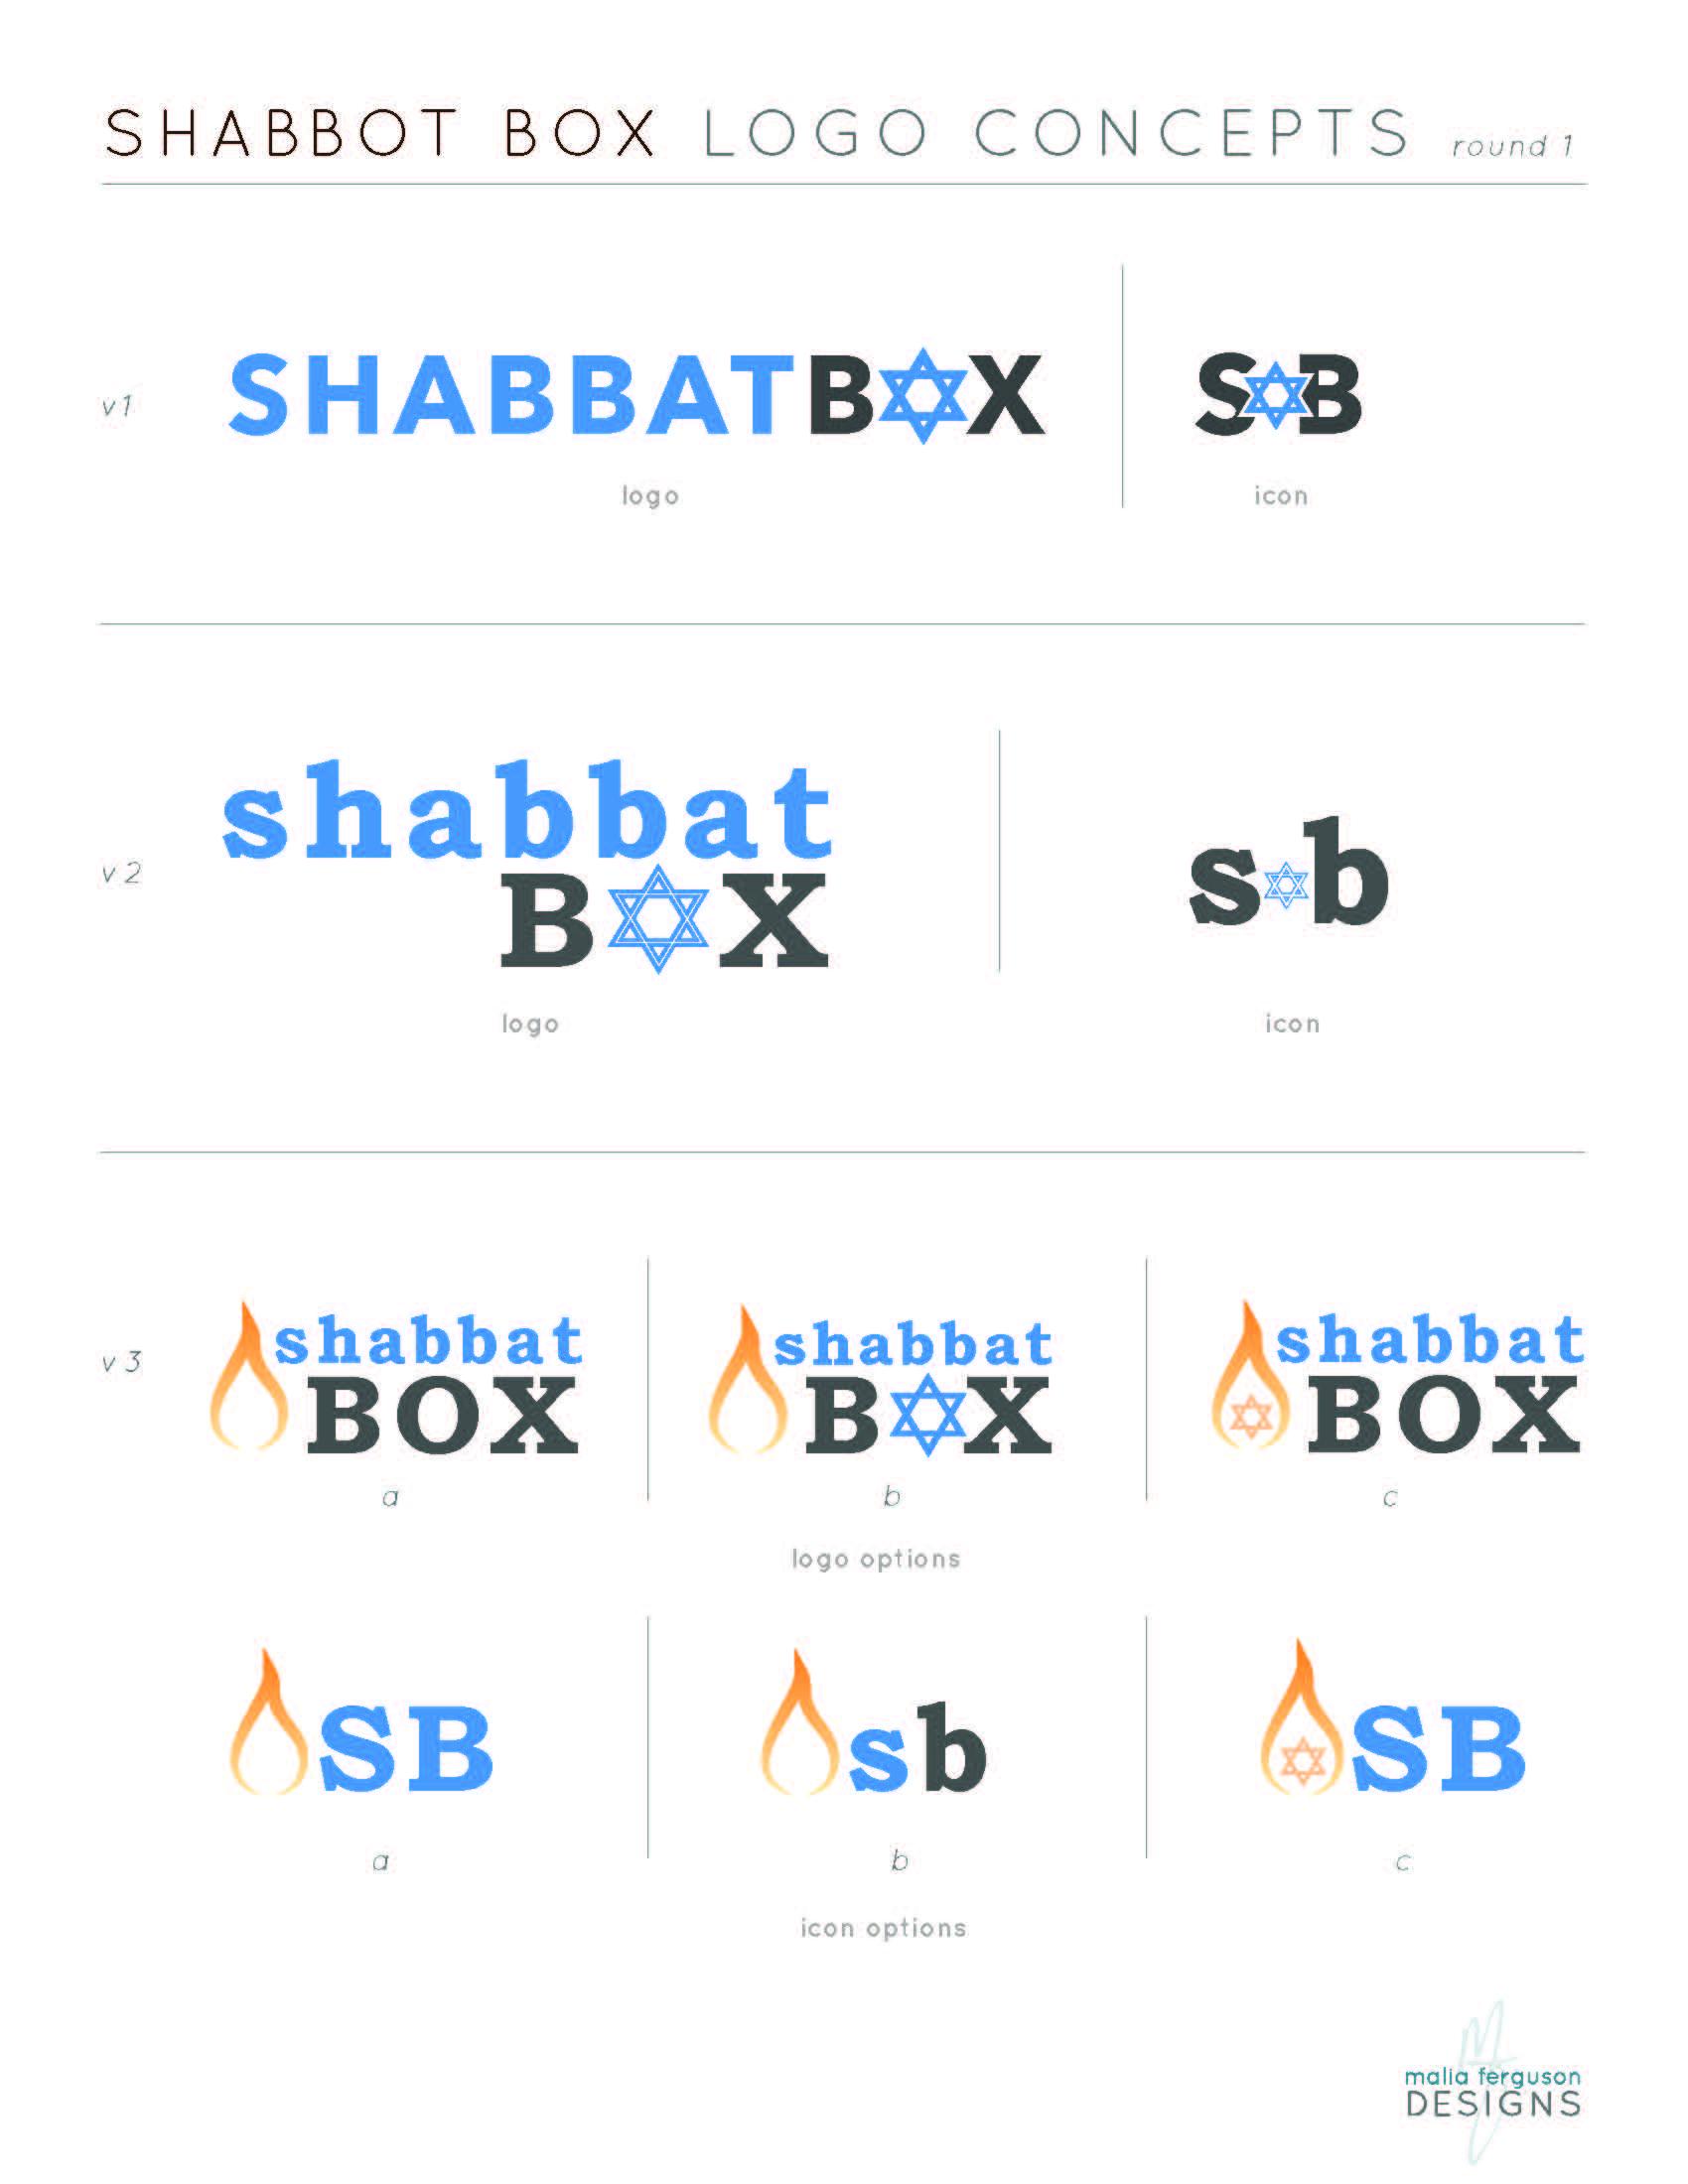 ShabbatBox Logo Concepts